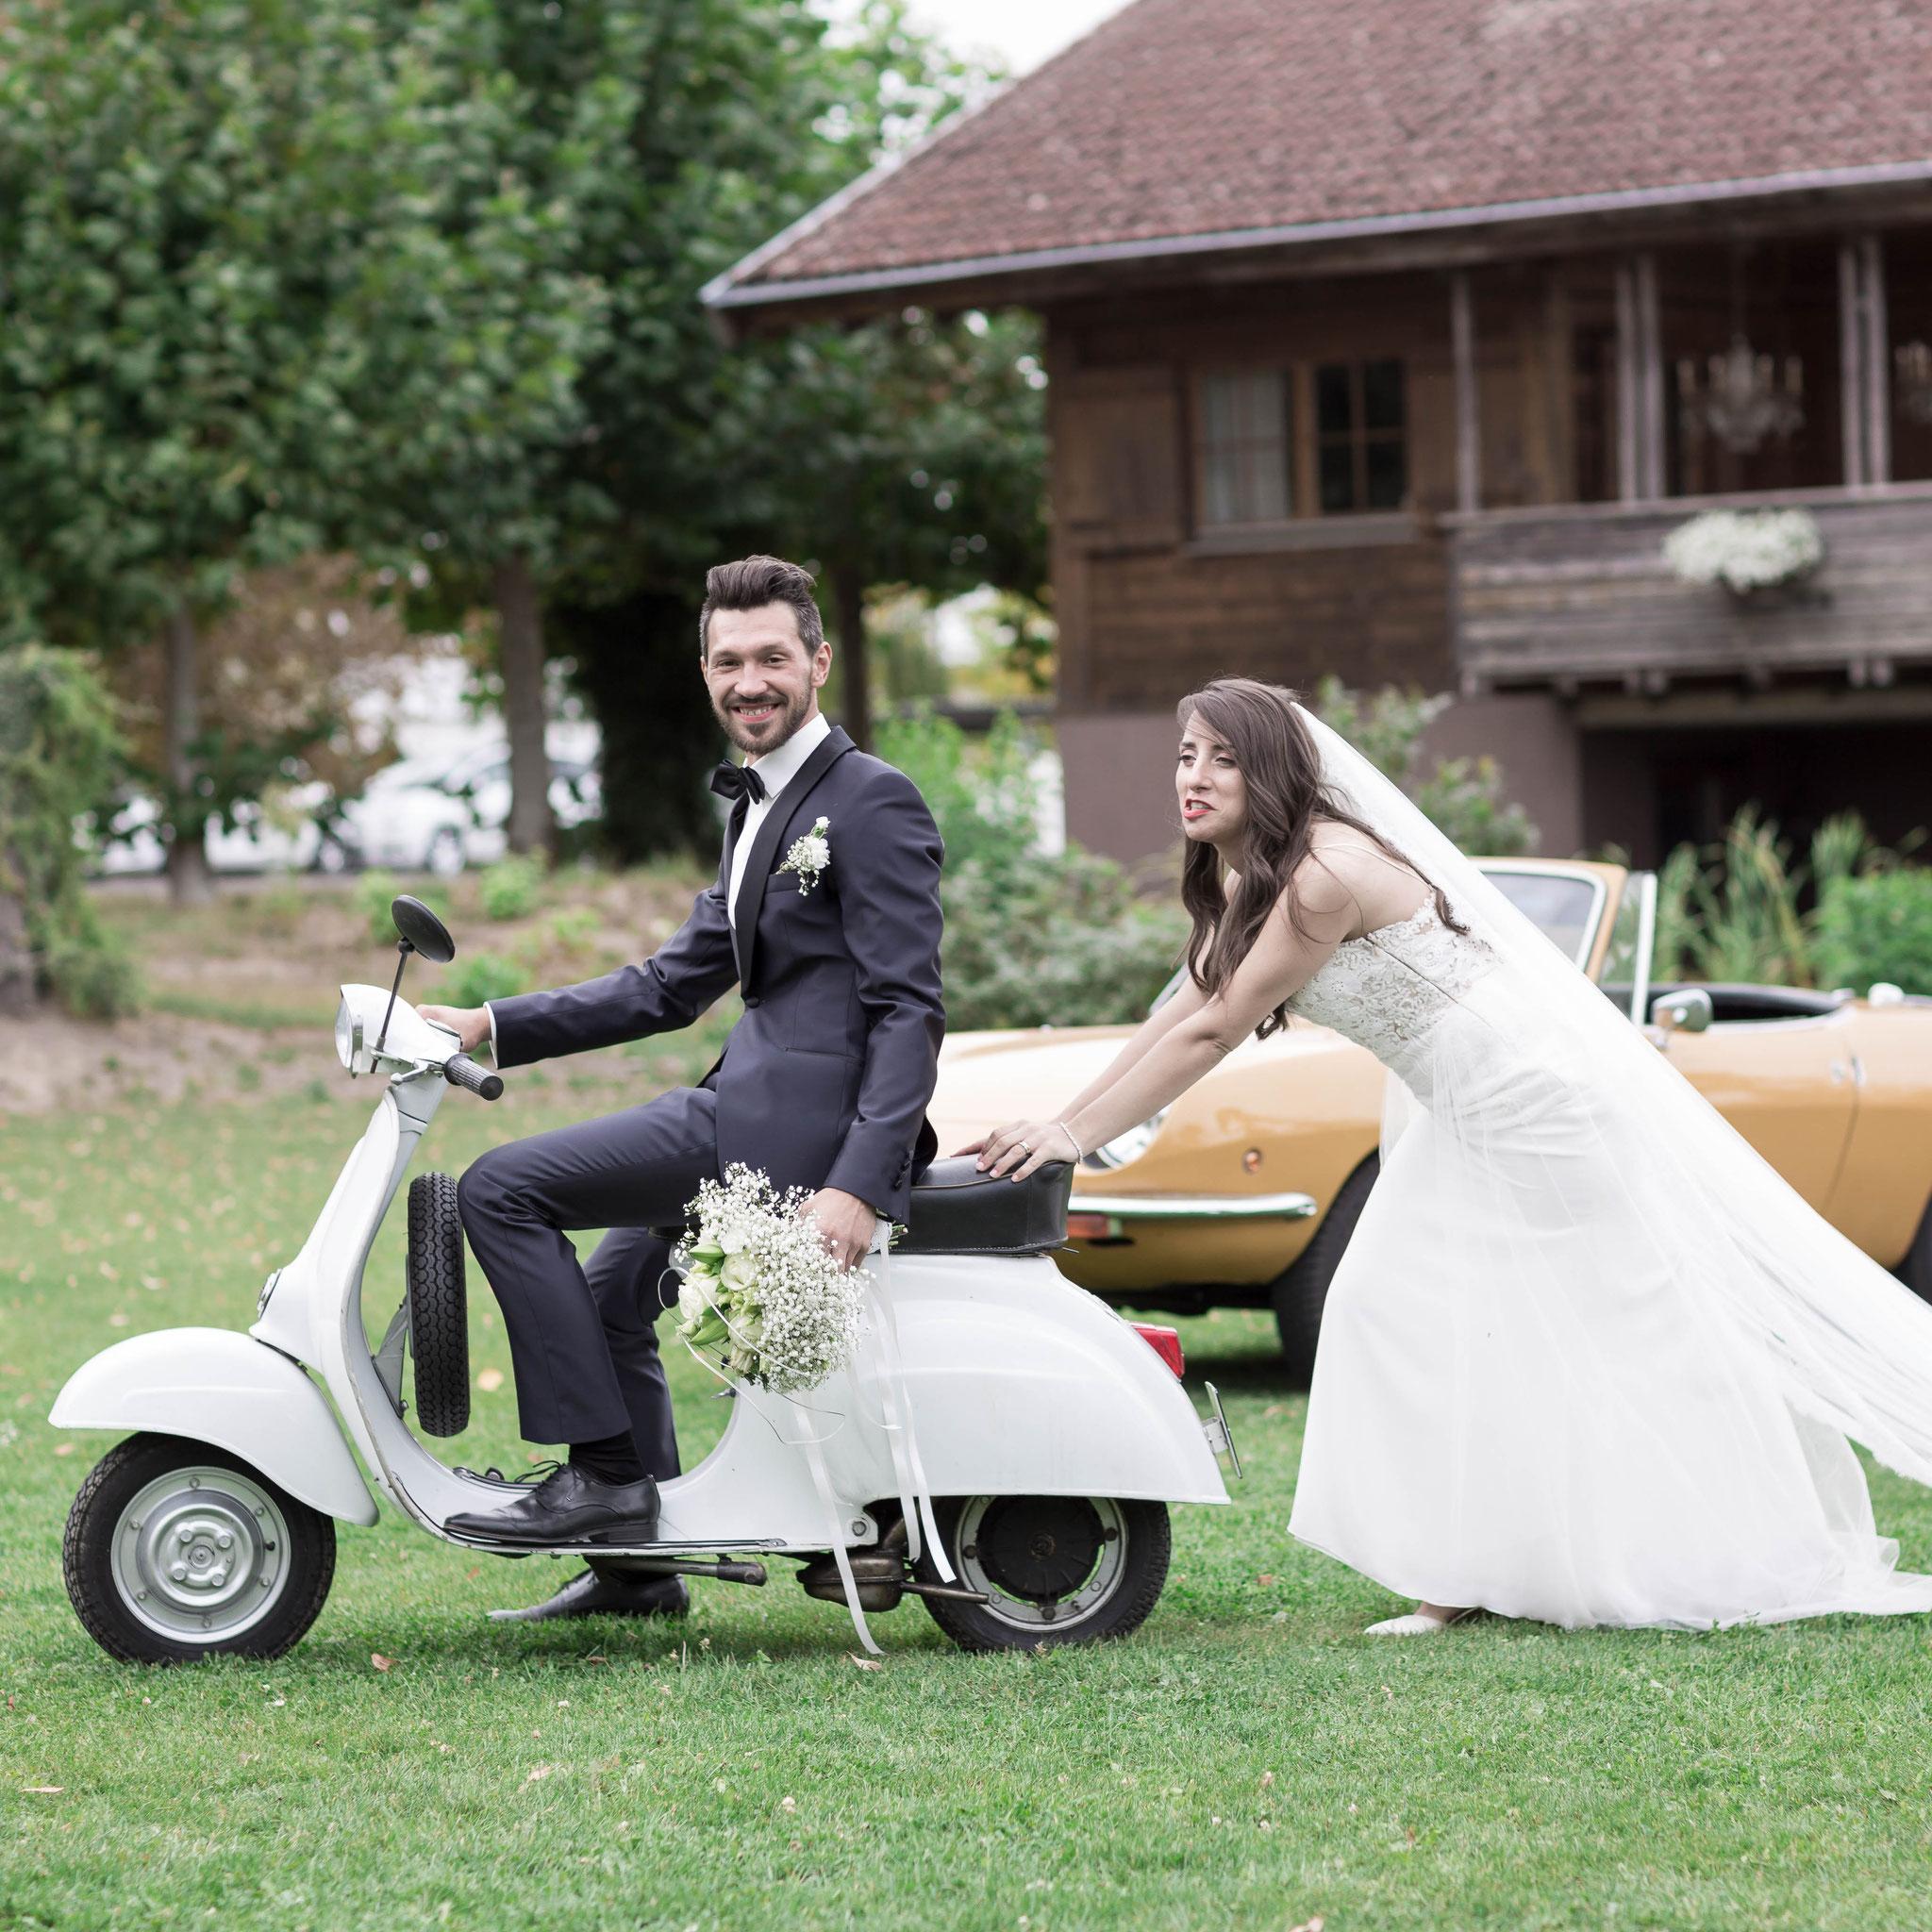 Fotograf für moderne russische Hochzeit in Friedberg